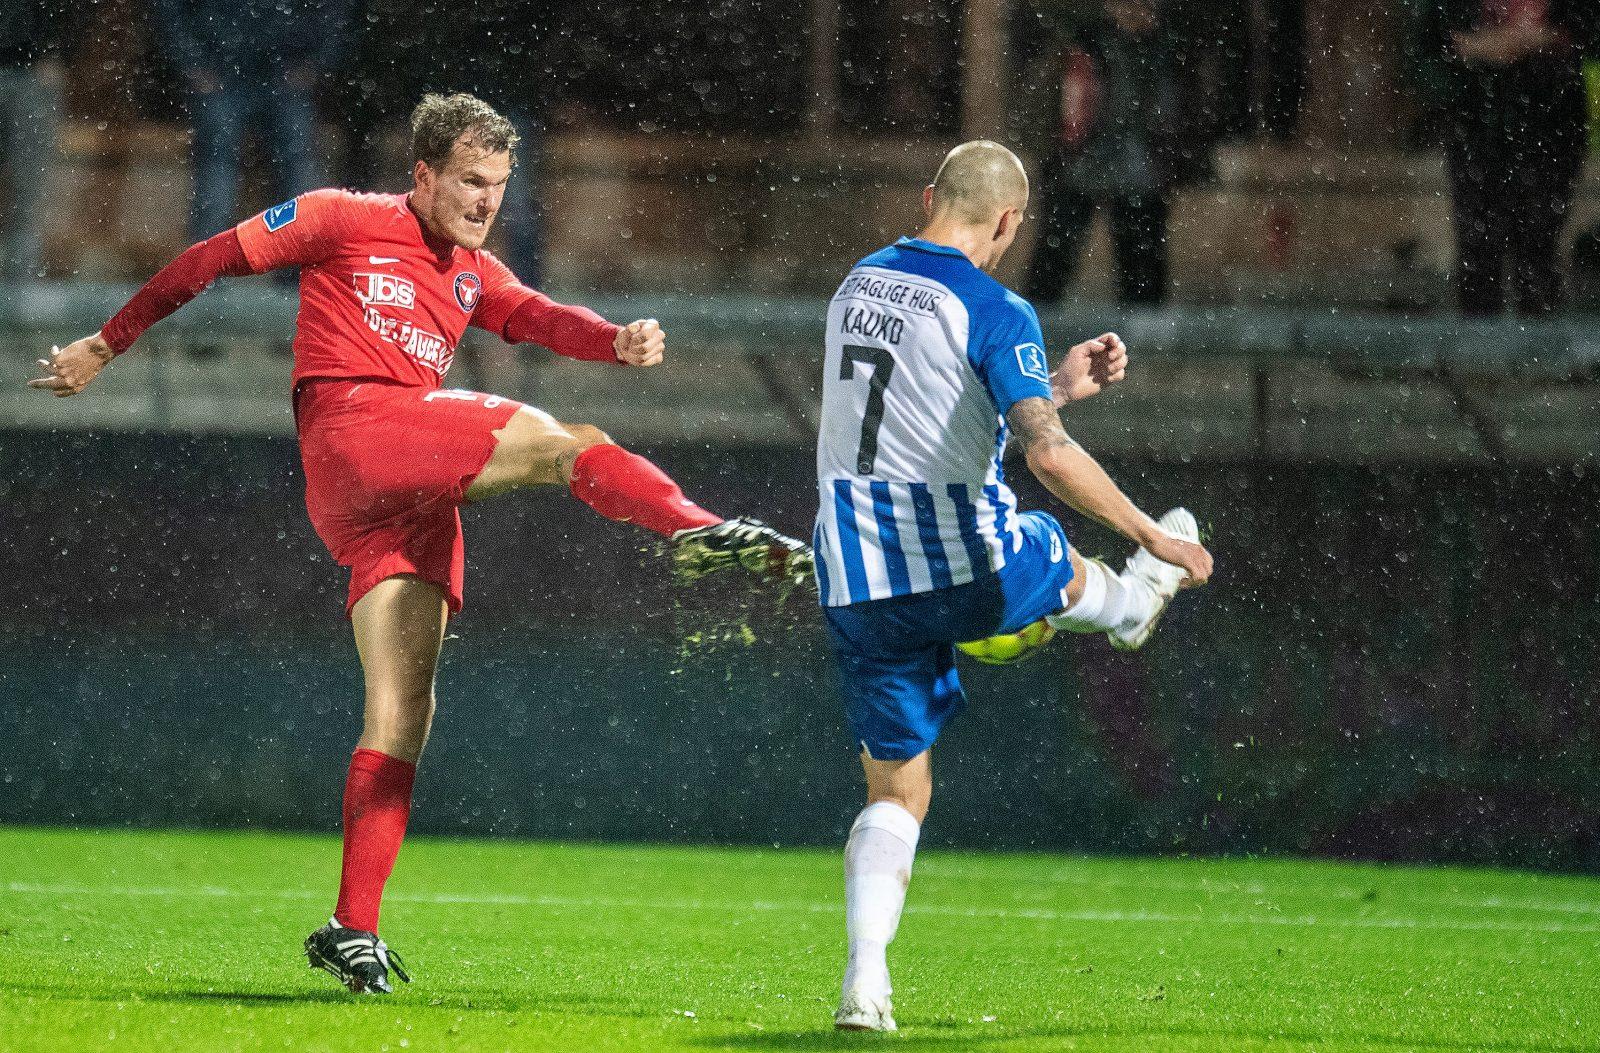 Esbjerg fB-FC Midtjylland-22